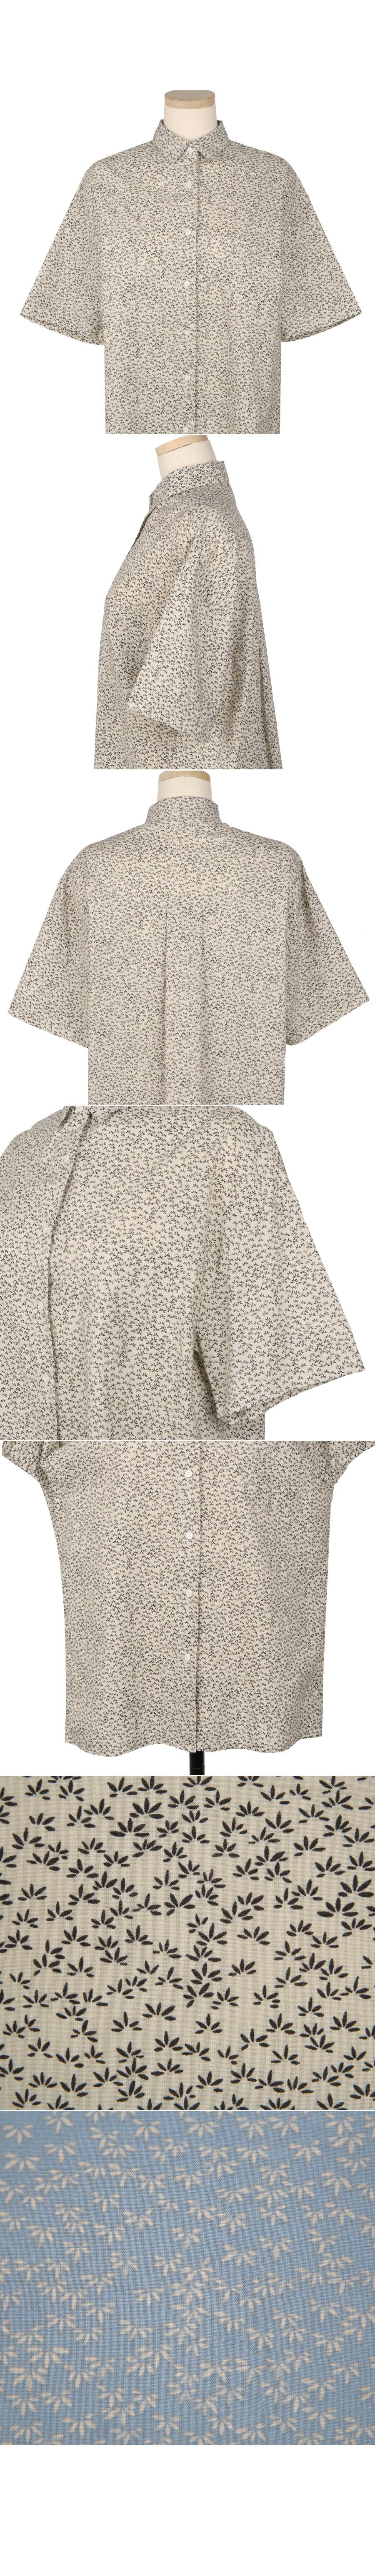 Isov nb gray